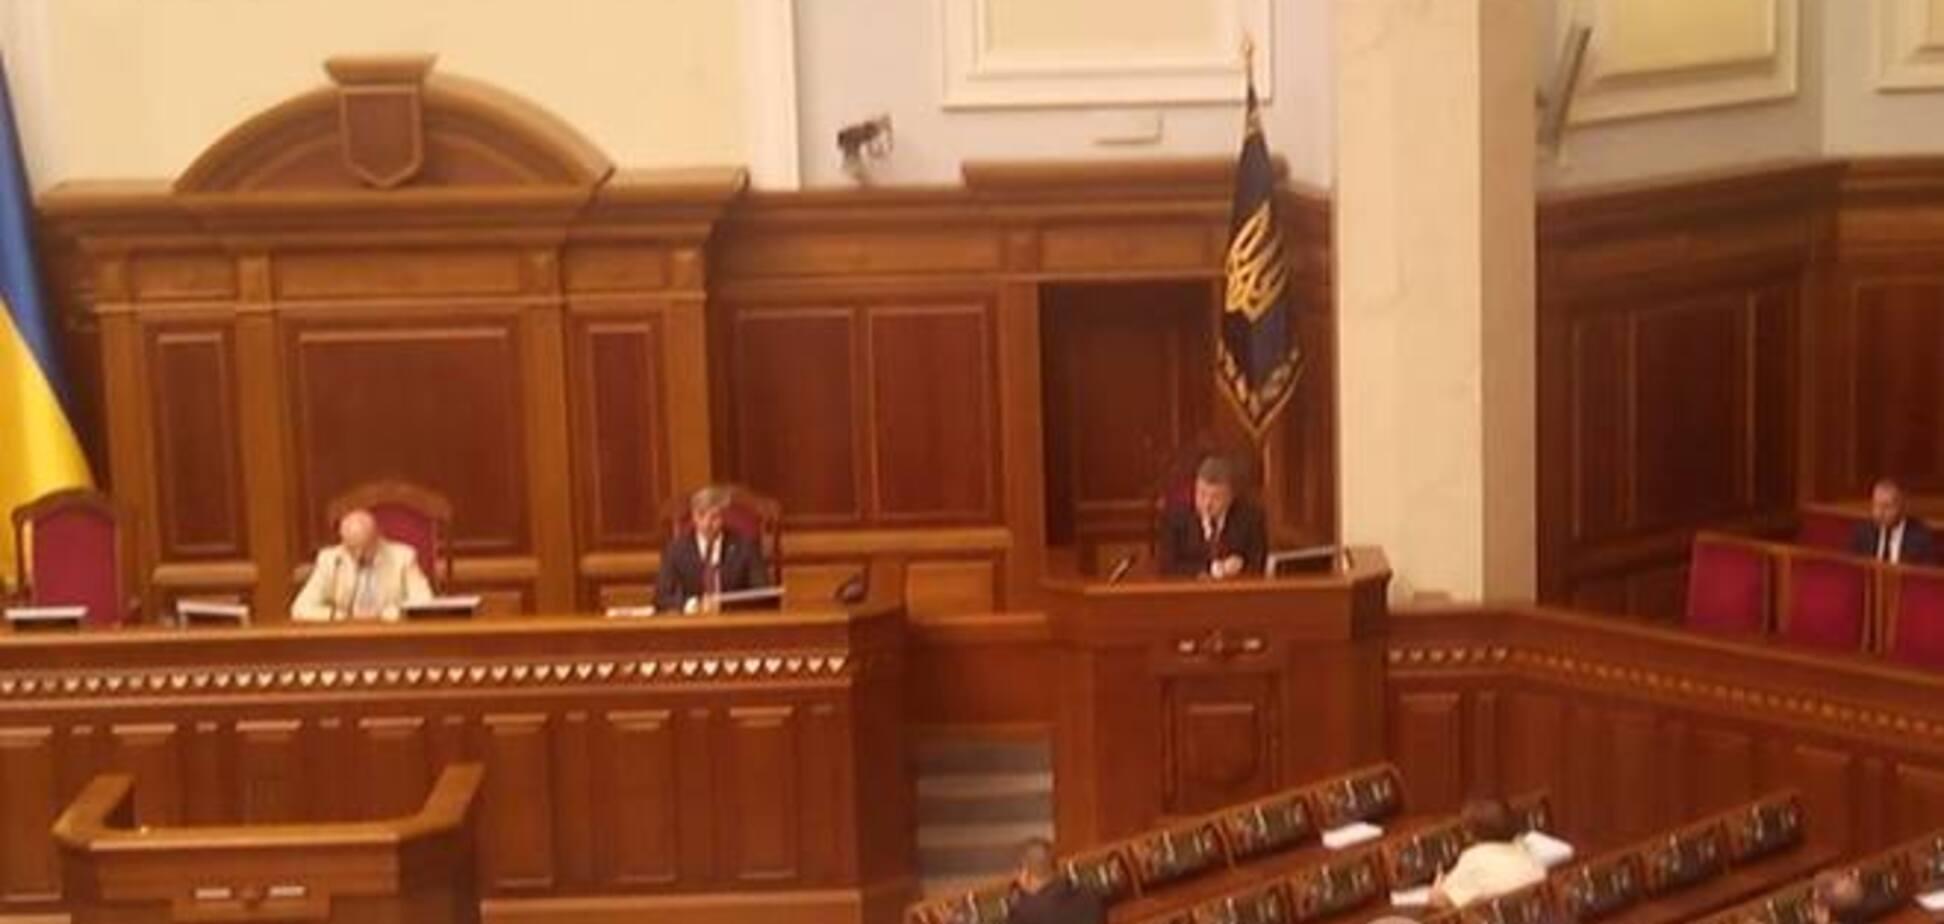 'За' отставку Яценюка проголосовали Бондаренко, Левченко и 14 внефракционных нардепов